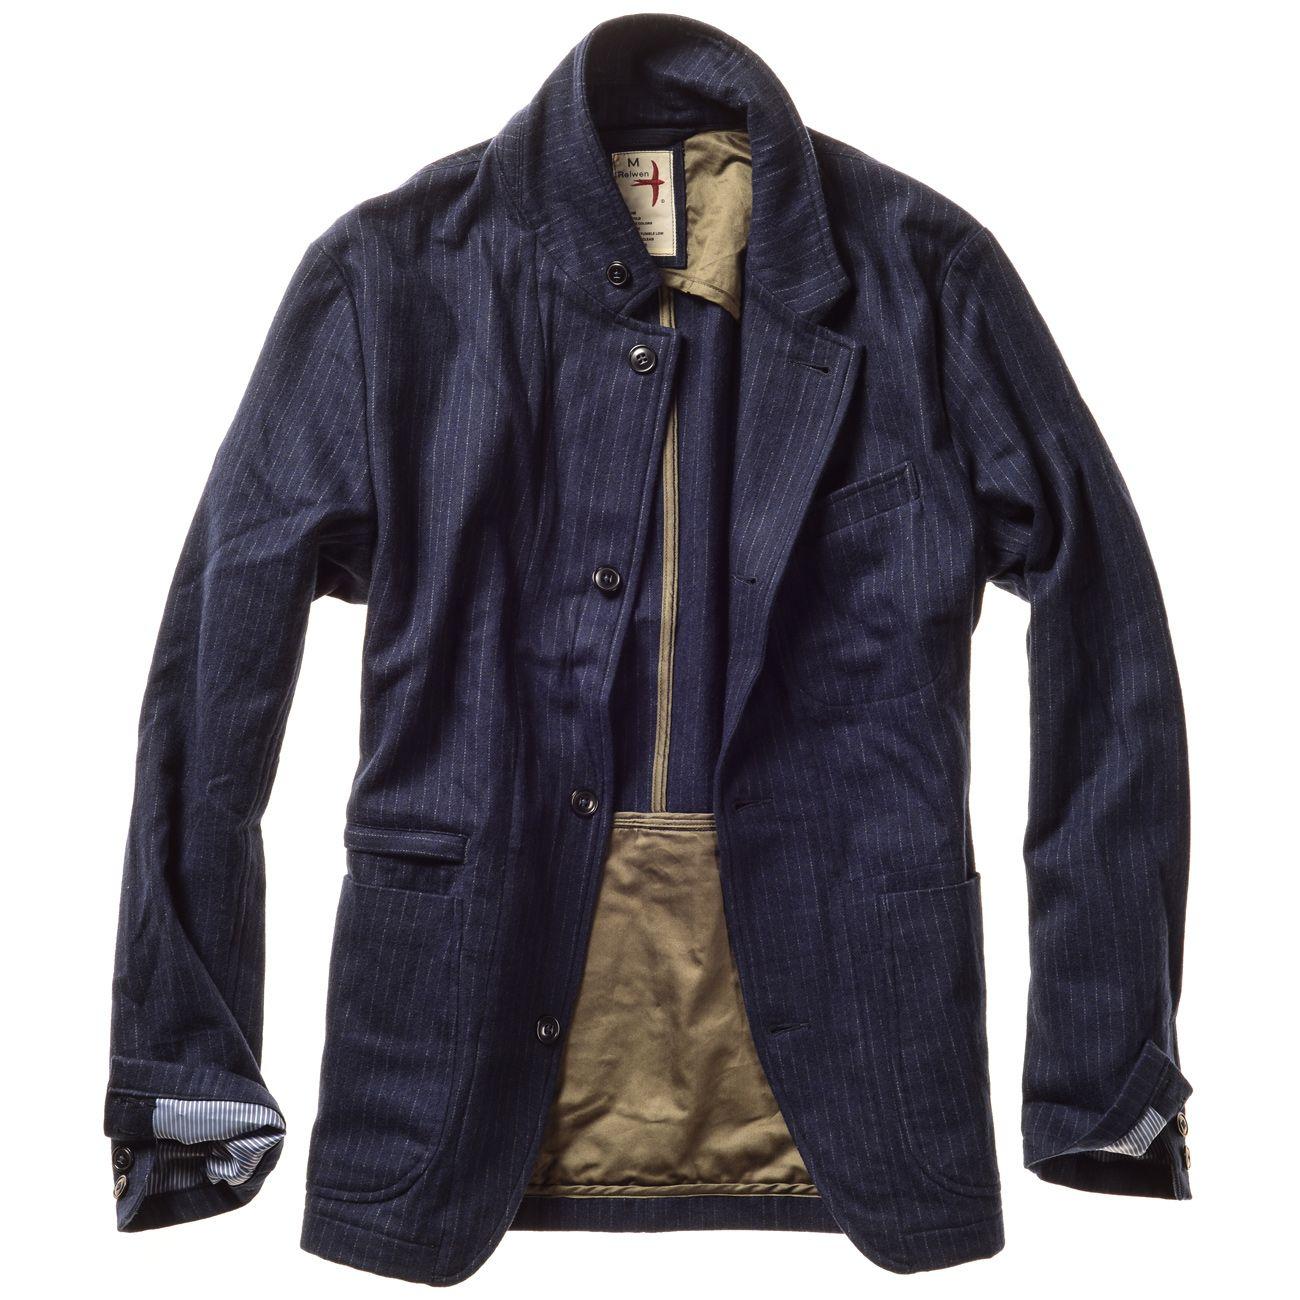 7f23262c1 Navy Wool Beadstripe Trap Blazer by RELWEN | BEST LOOKS FOR FALL ...